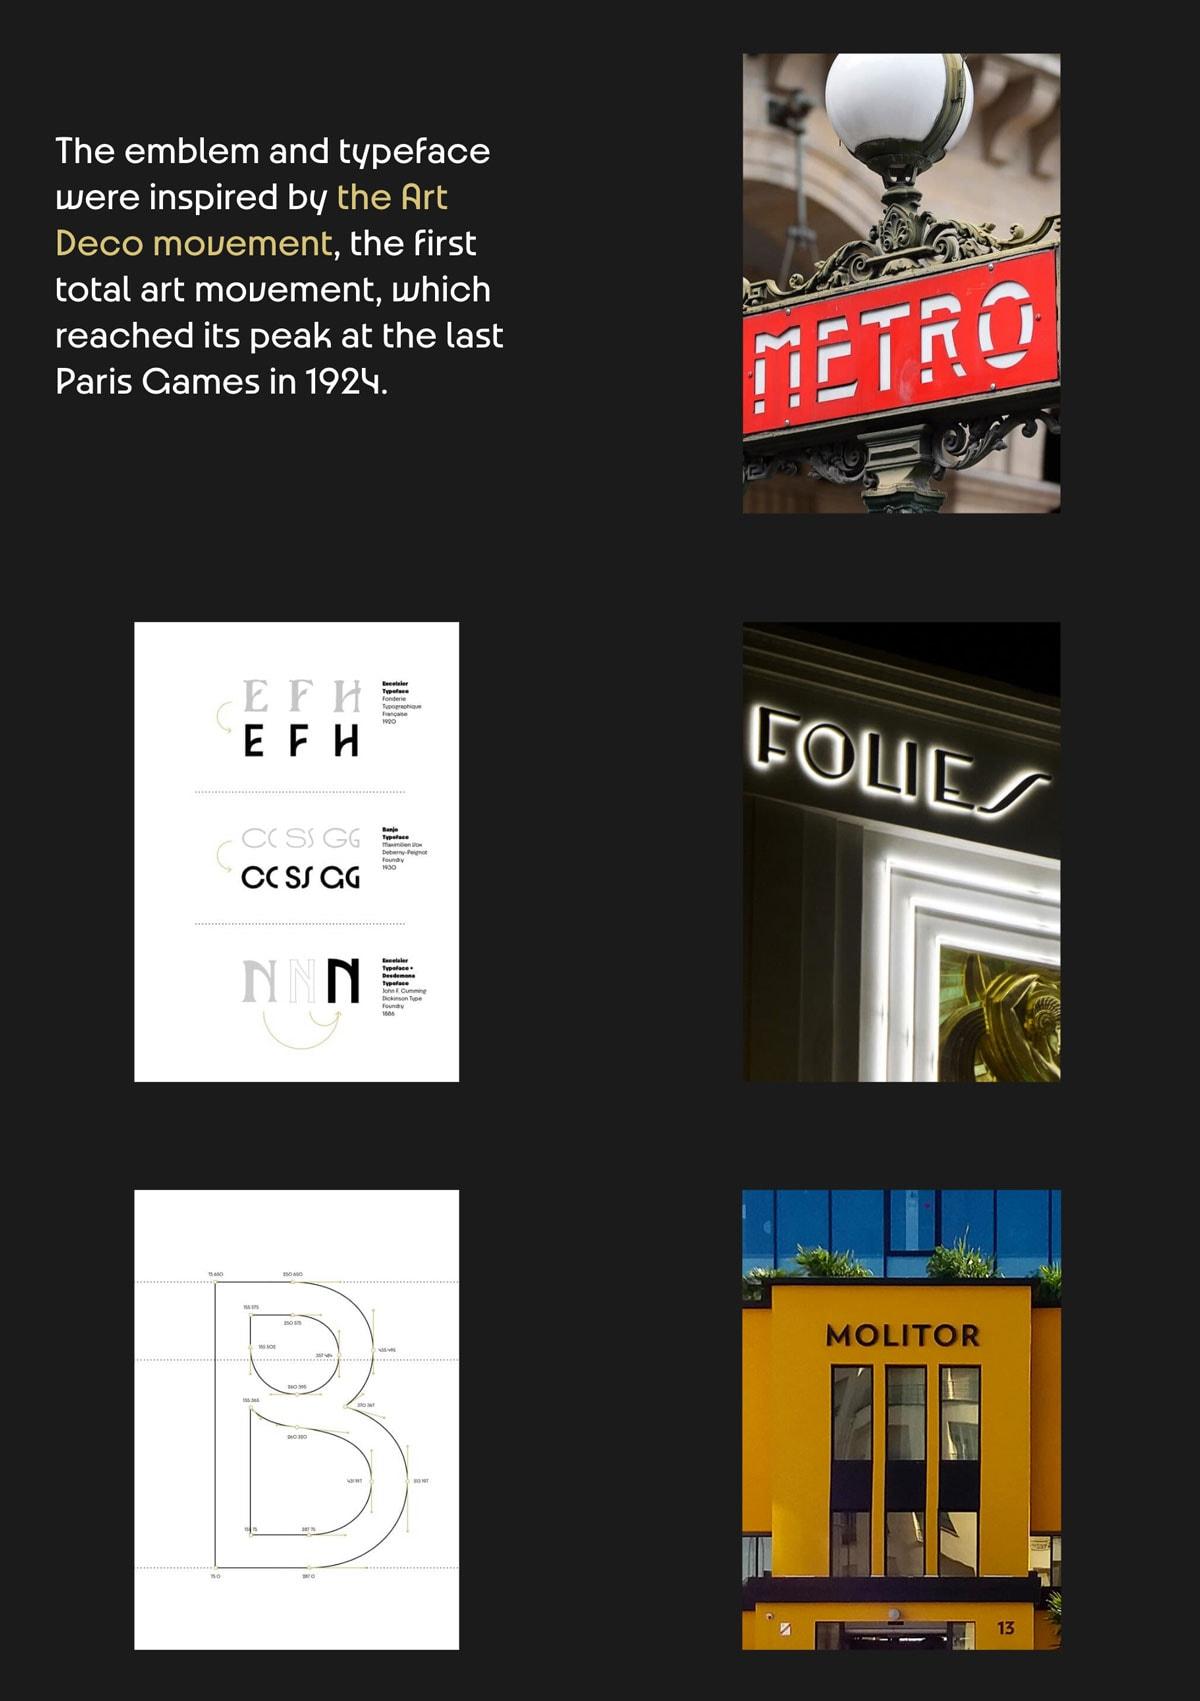 Infográfico mostrando inspirações arquitetônicas da tipografia